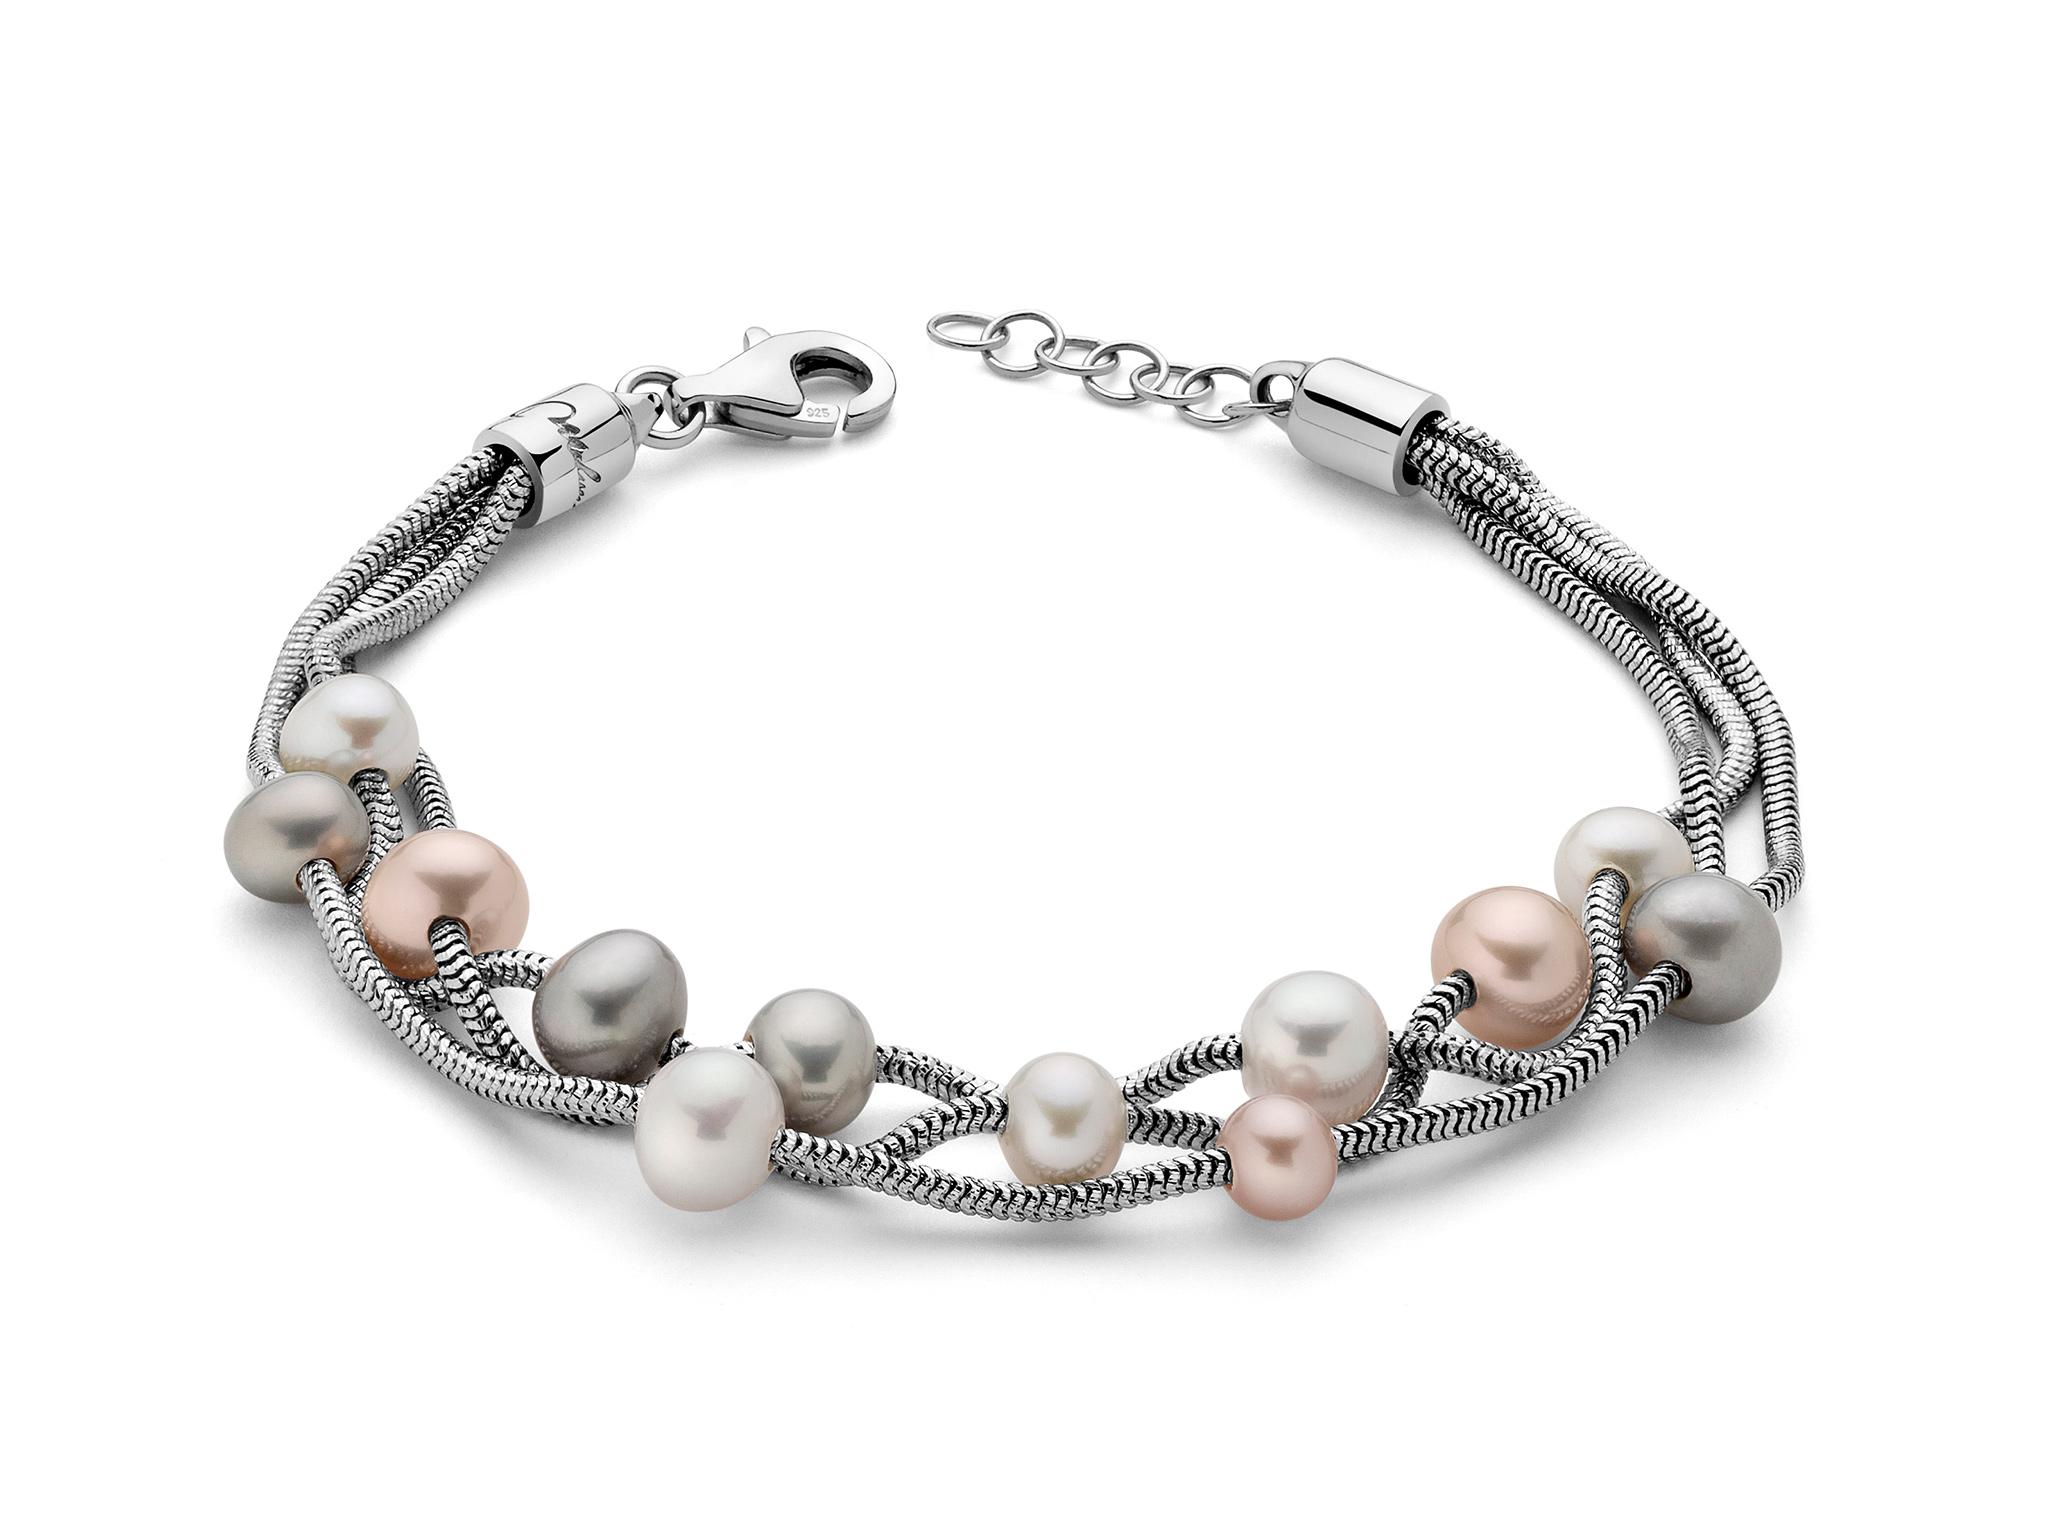 Bracciale multifilo in argento con perle - PBR2835